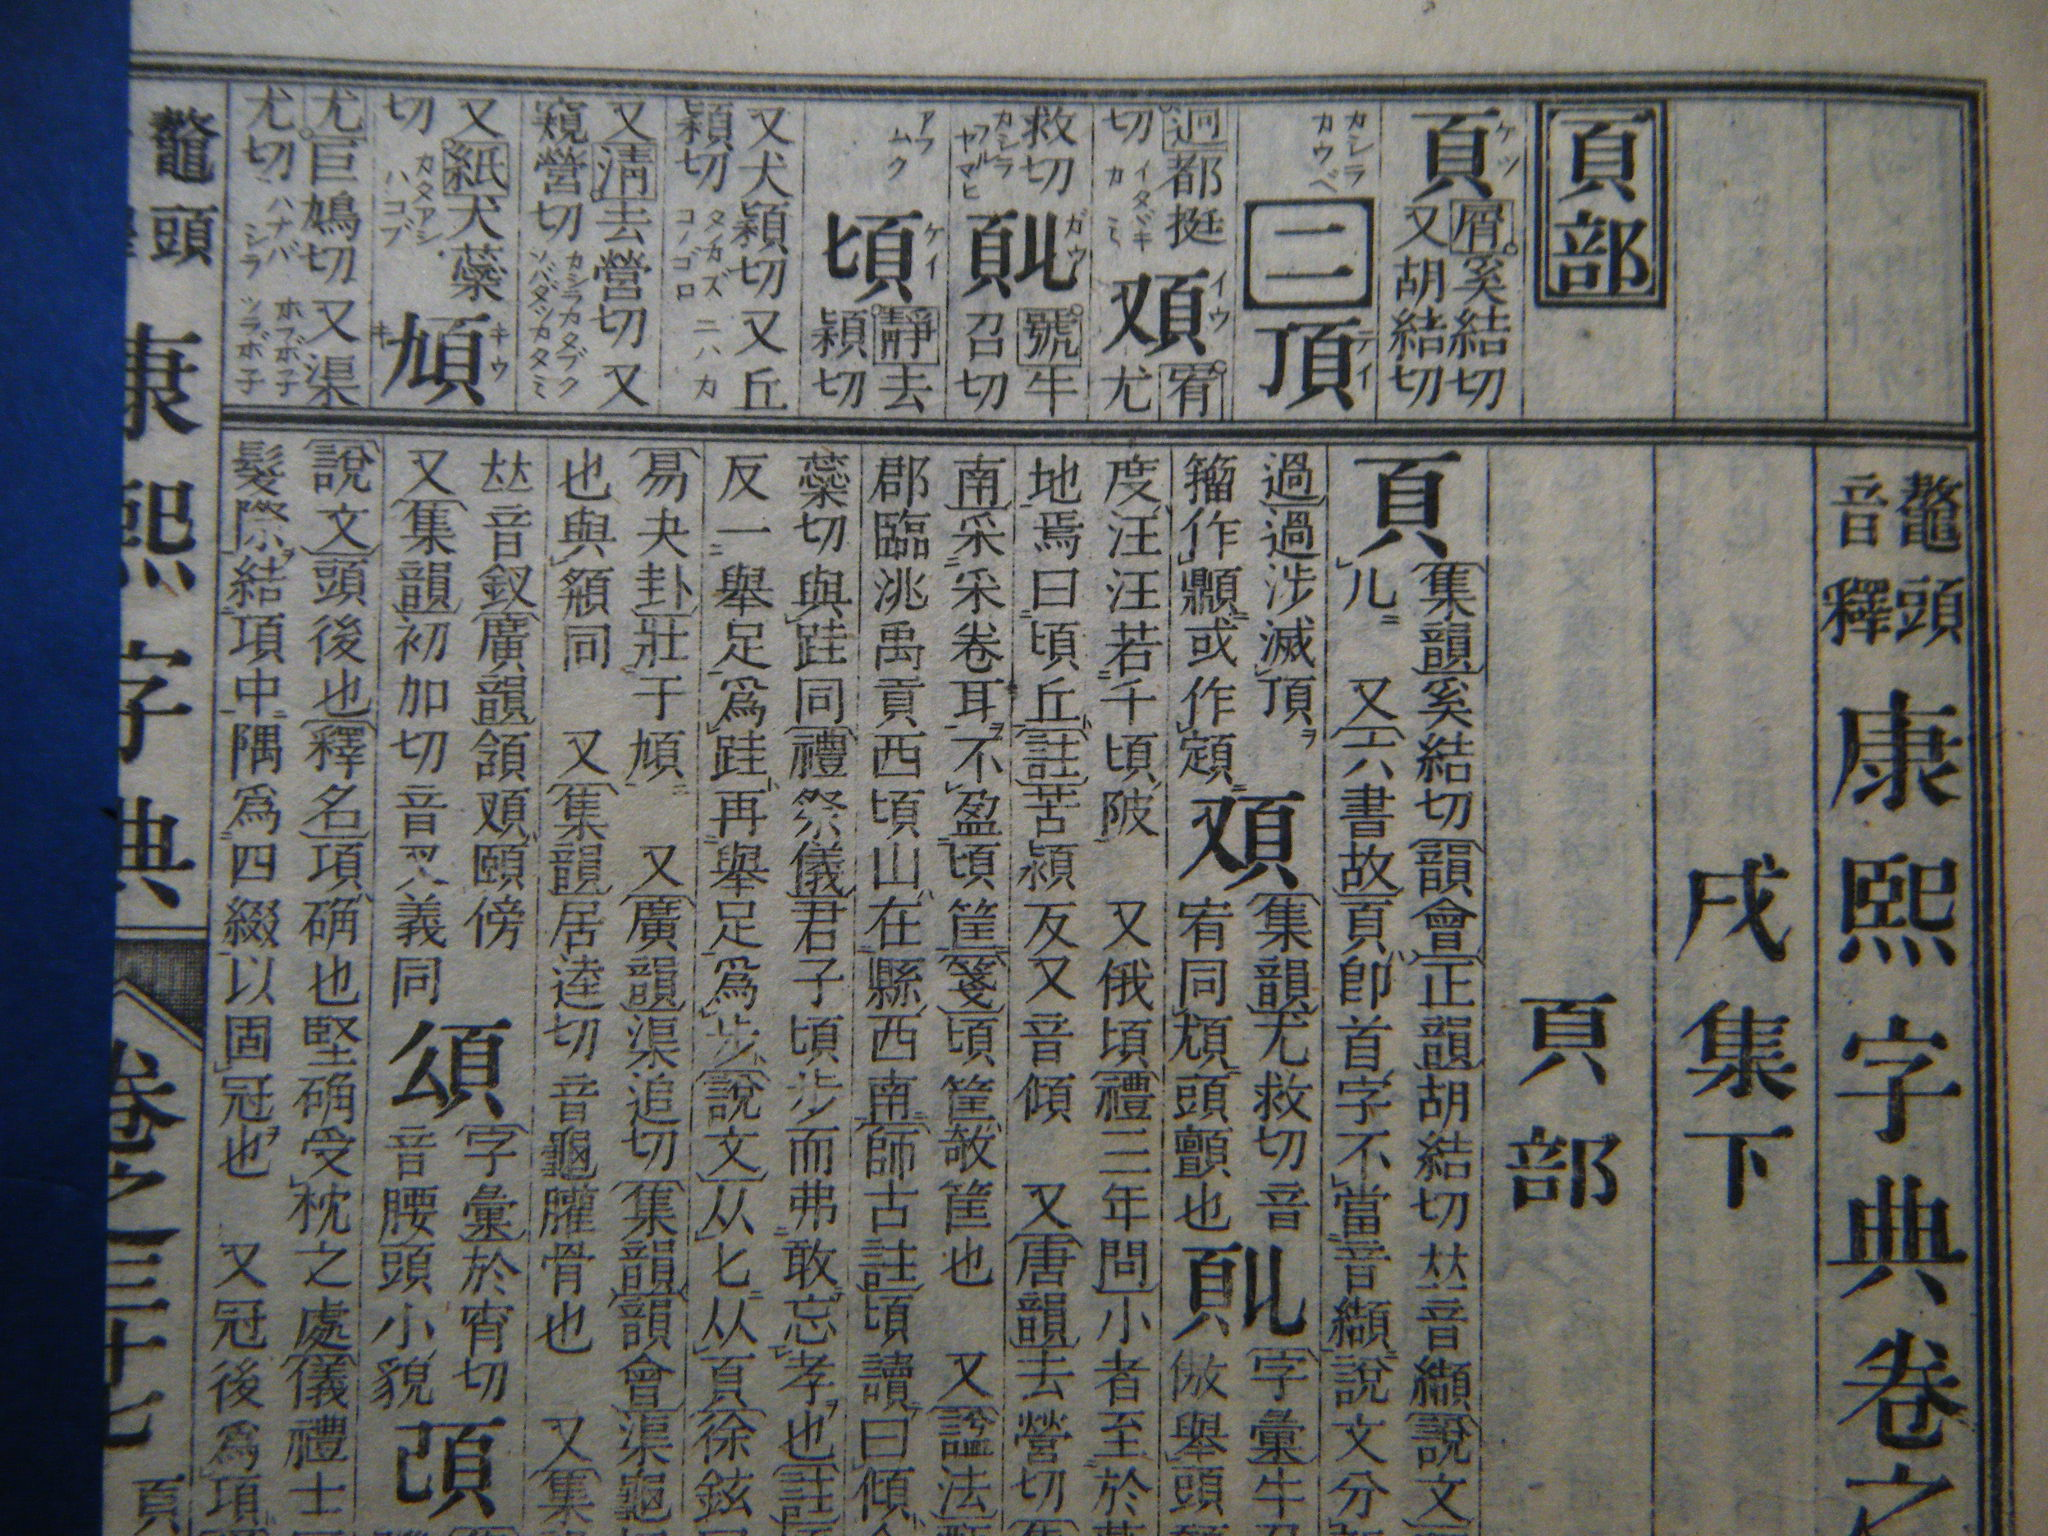 中国語と日本語に見る漢字簡略化の歴史